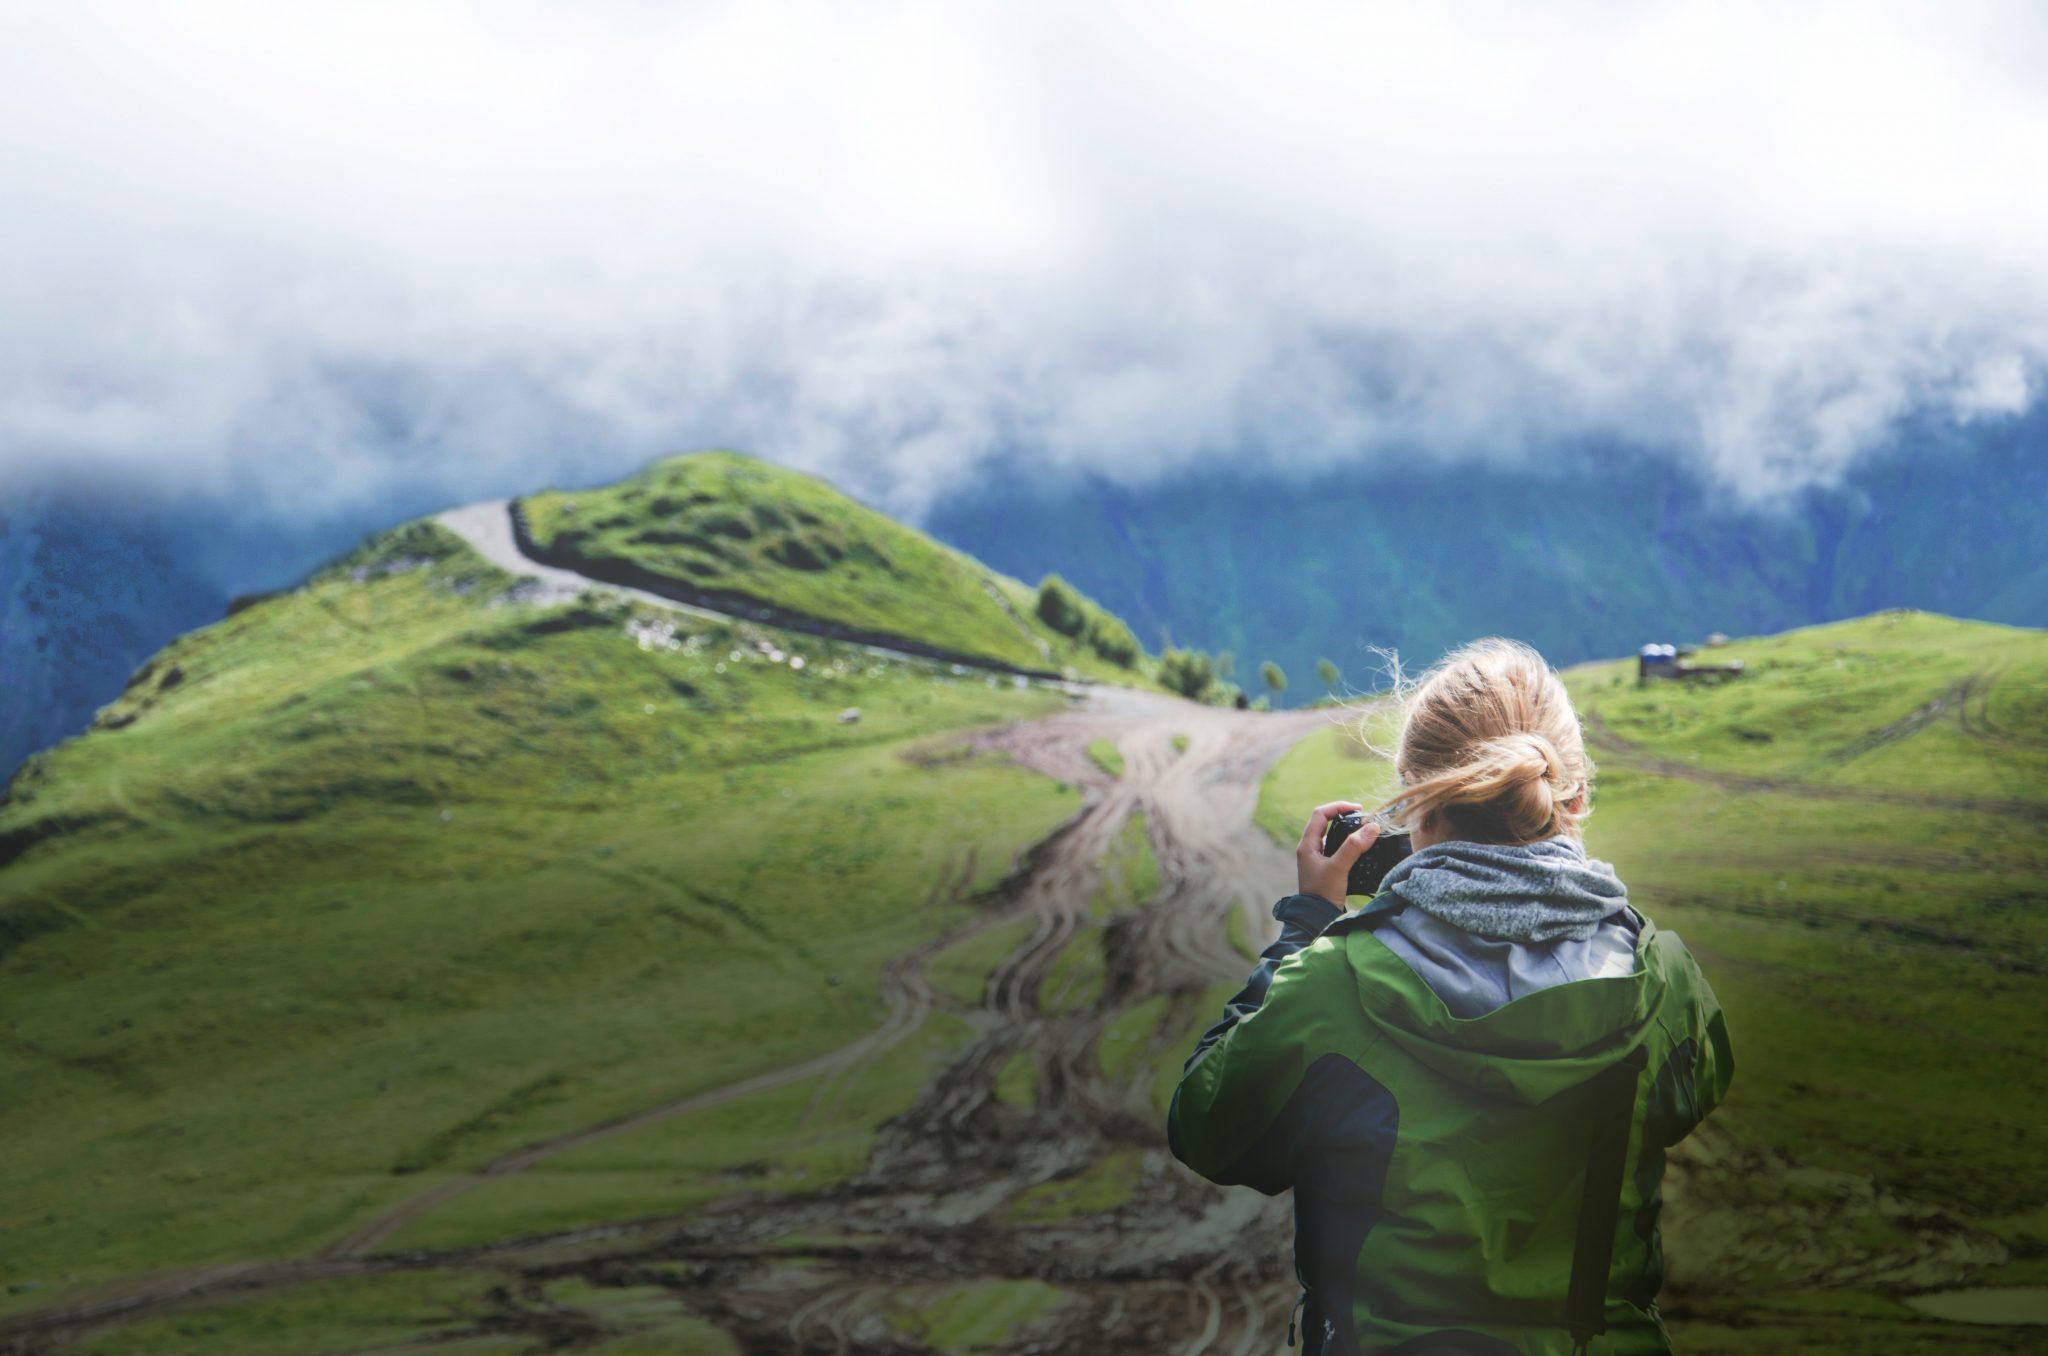 Chantal - De ideale communicatieafdeling ligt nét achter de horizon